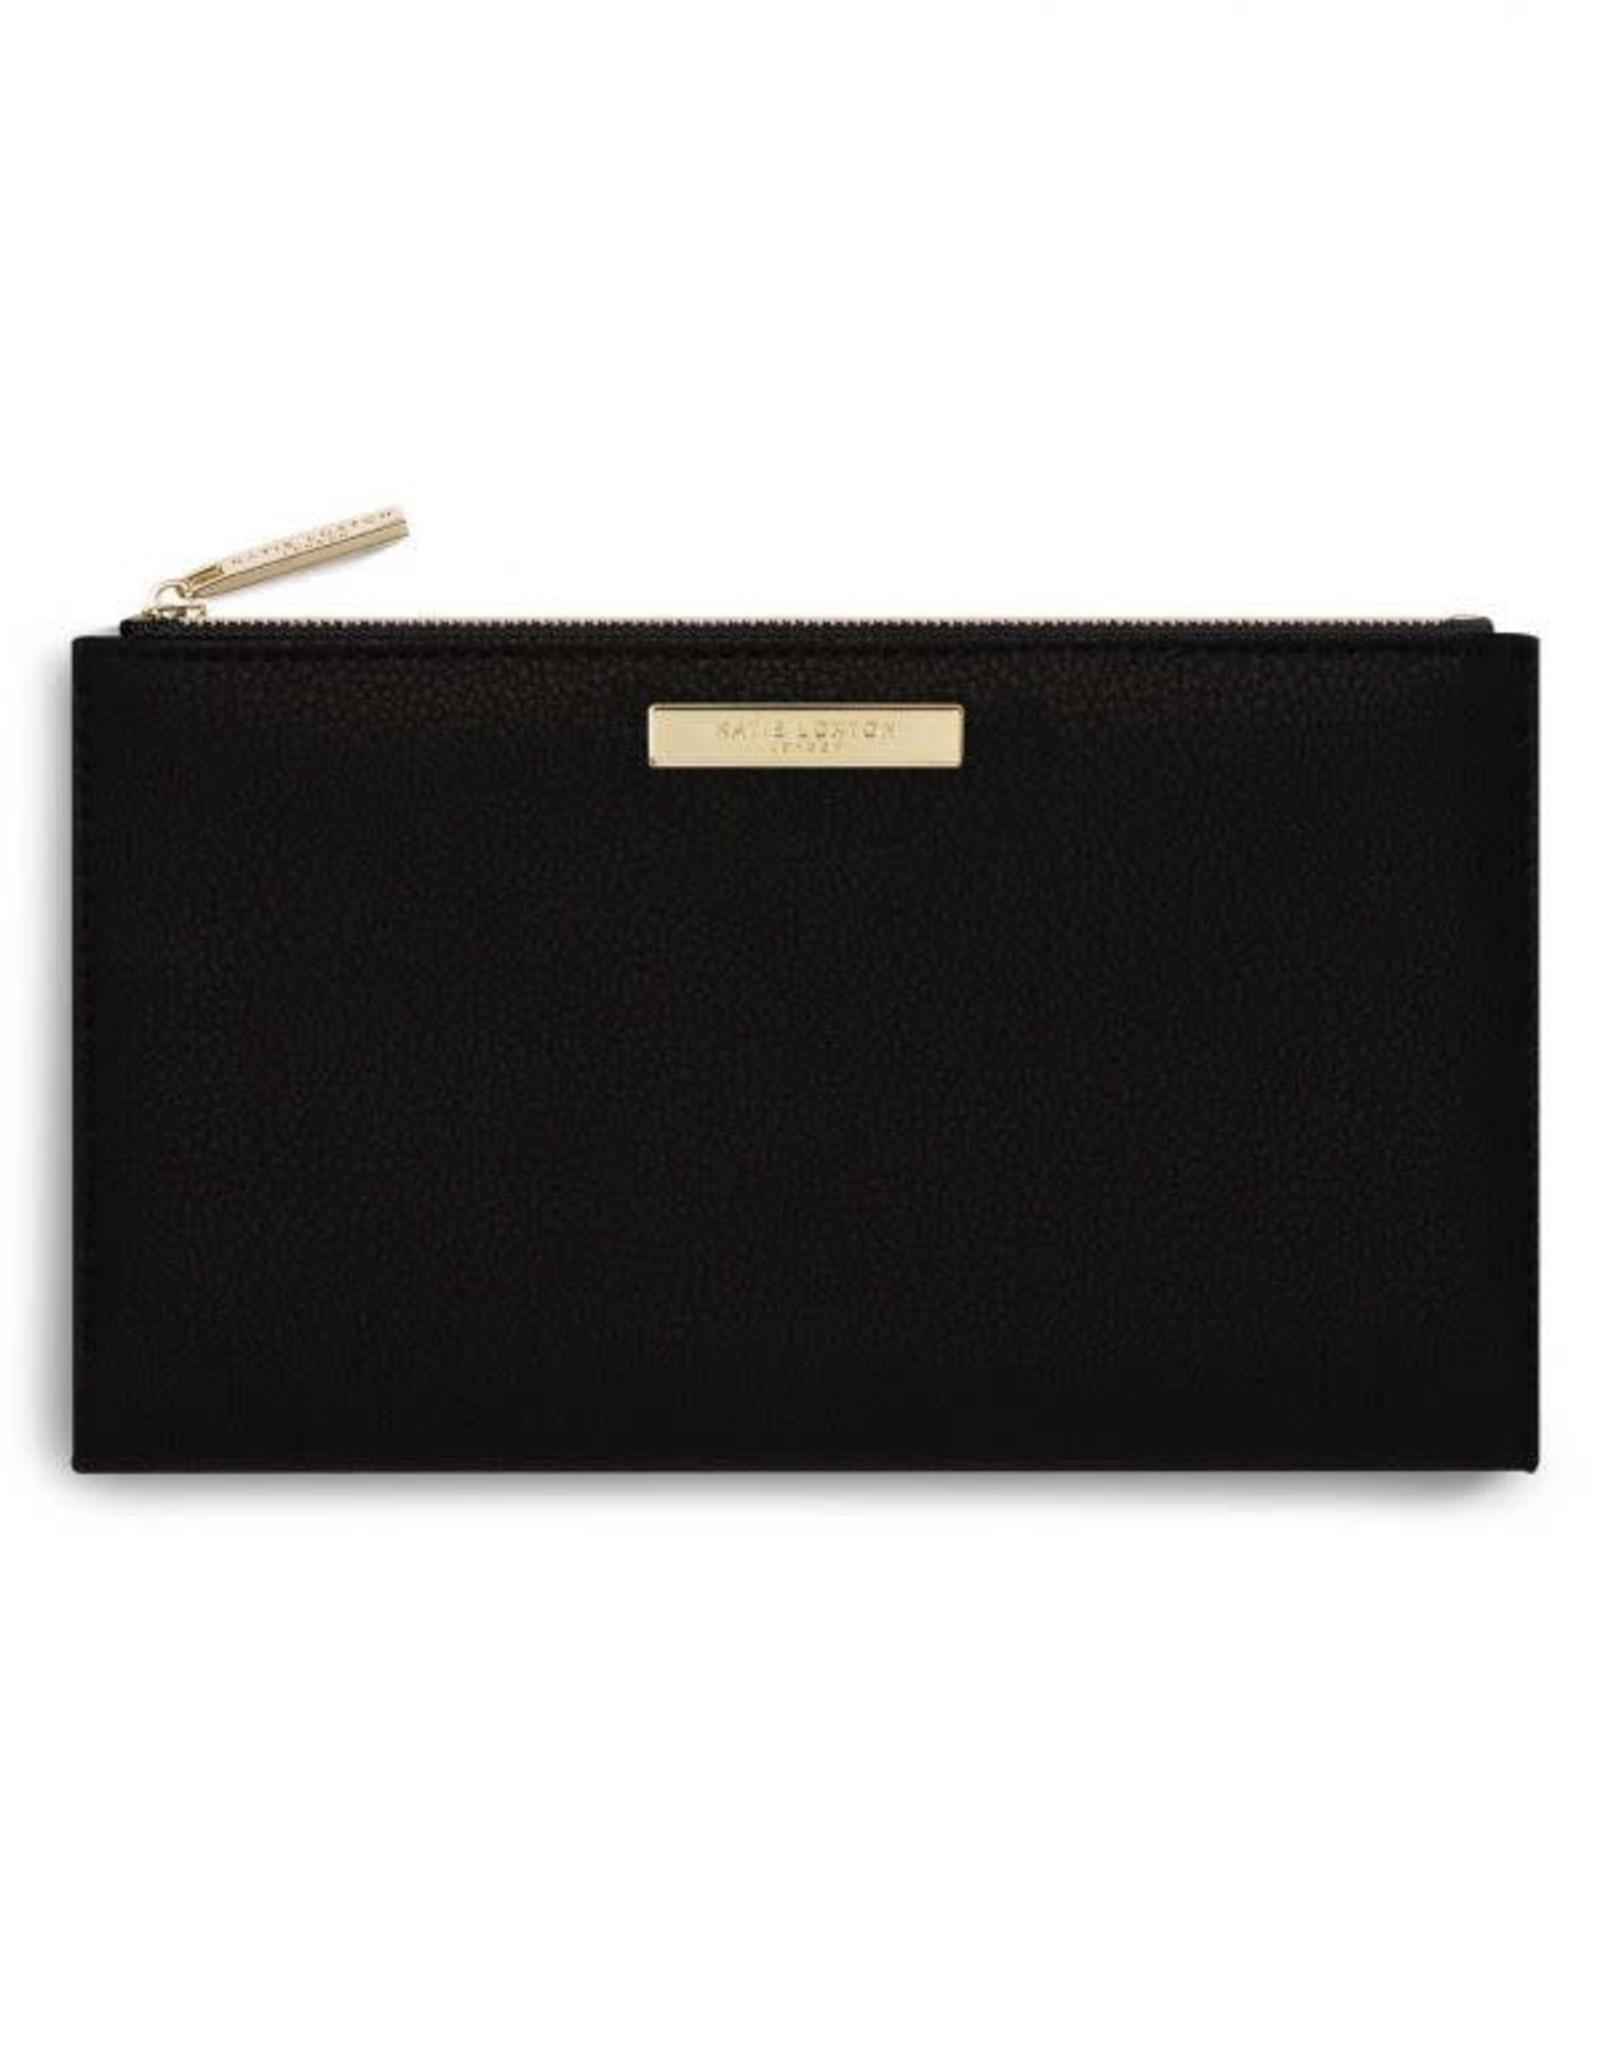 Katie Loxton Alise Foldout Wallet